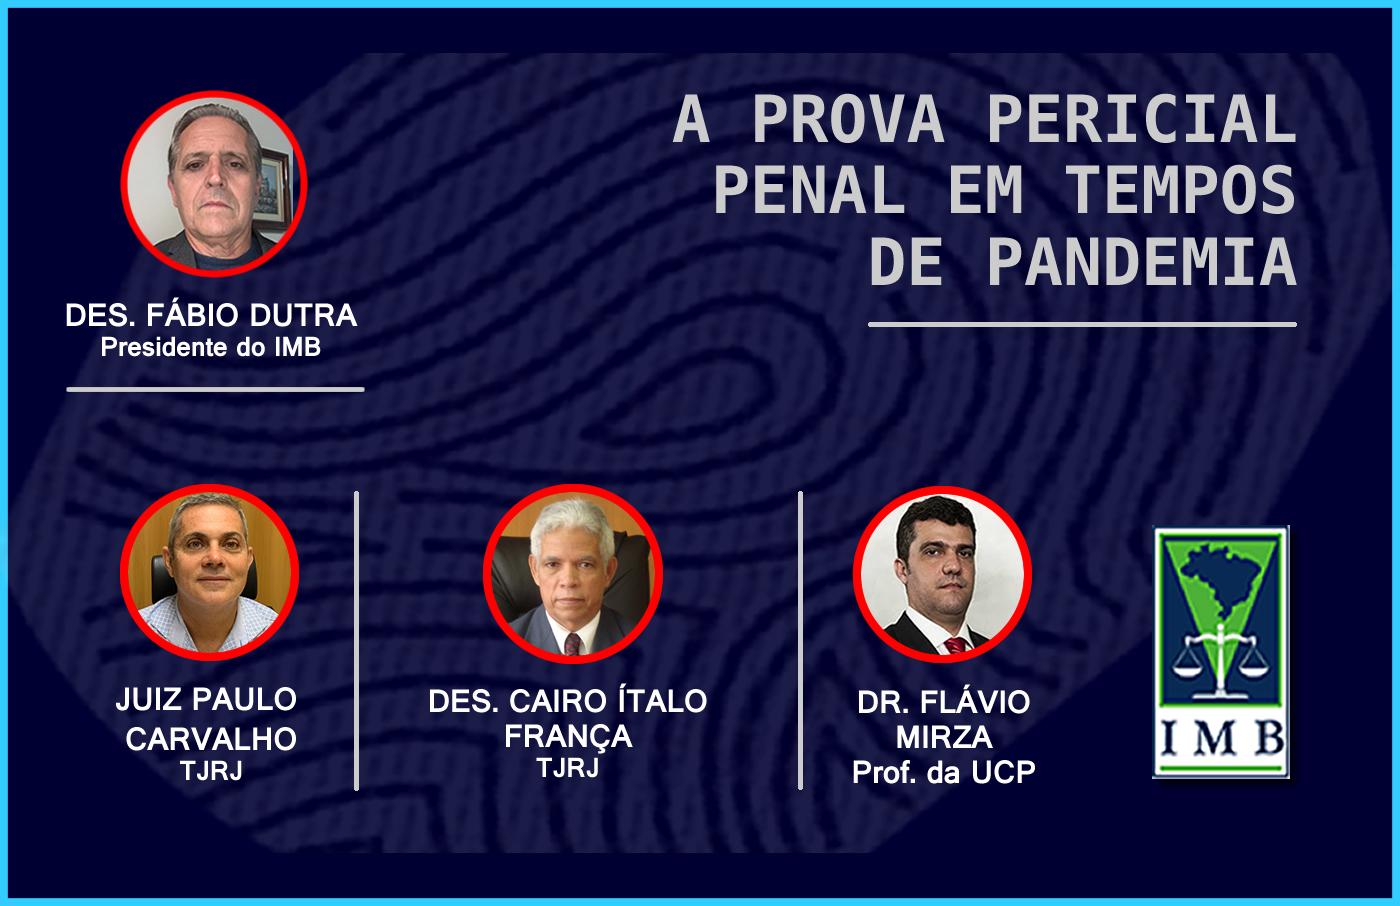 A Prova Pericial Penal Em Tempos de Pandemia